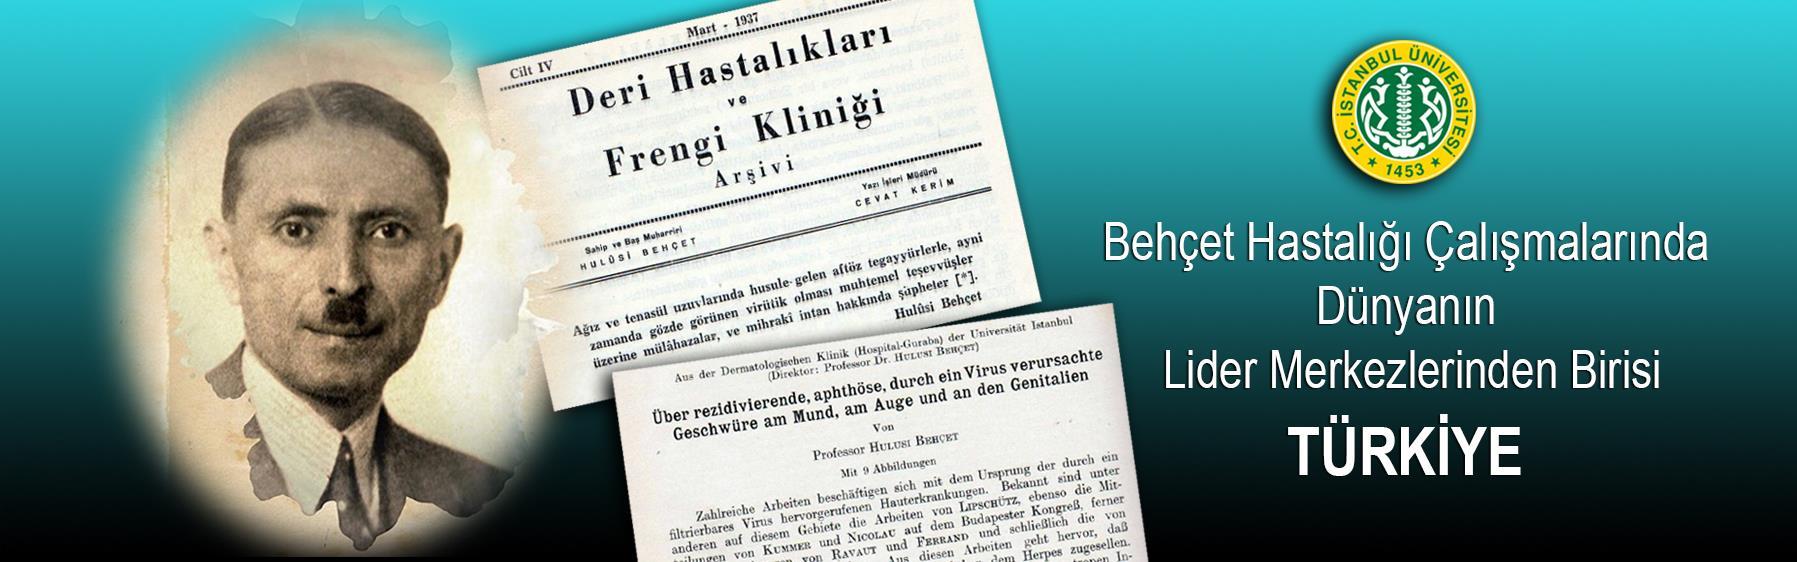 """""""Türkiye-Behçet-Hastalığı-Çalışmalarında-Dünyanın-Lider-Merkezlerinden-Birisi"""""""